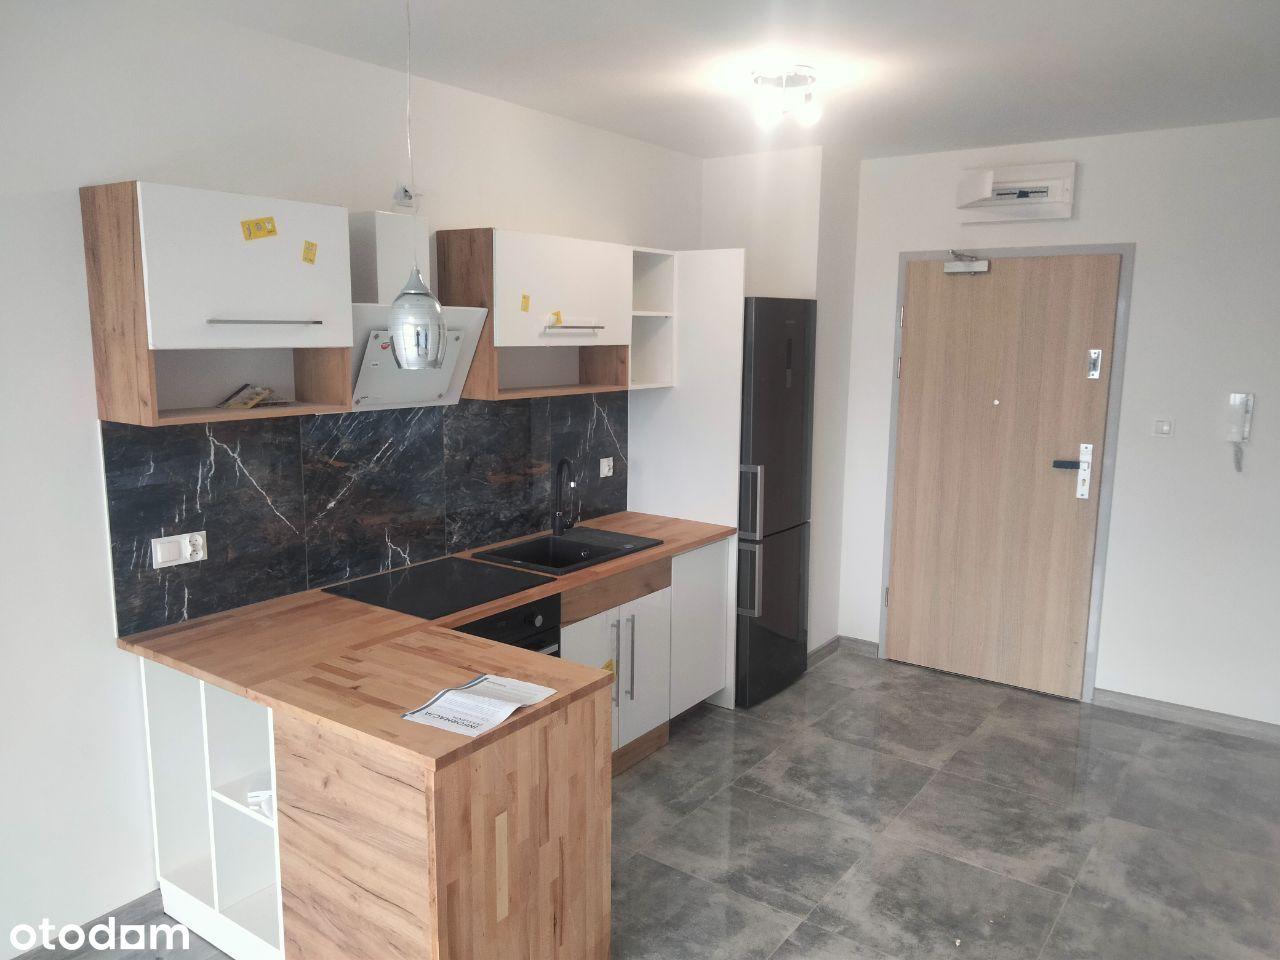 apartament bronowicka, nowe, od właściciela